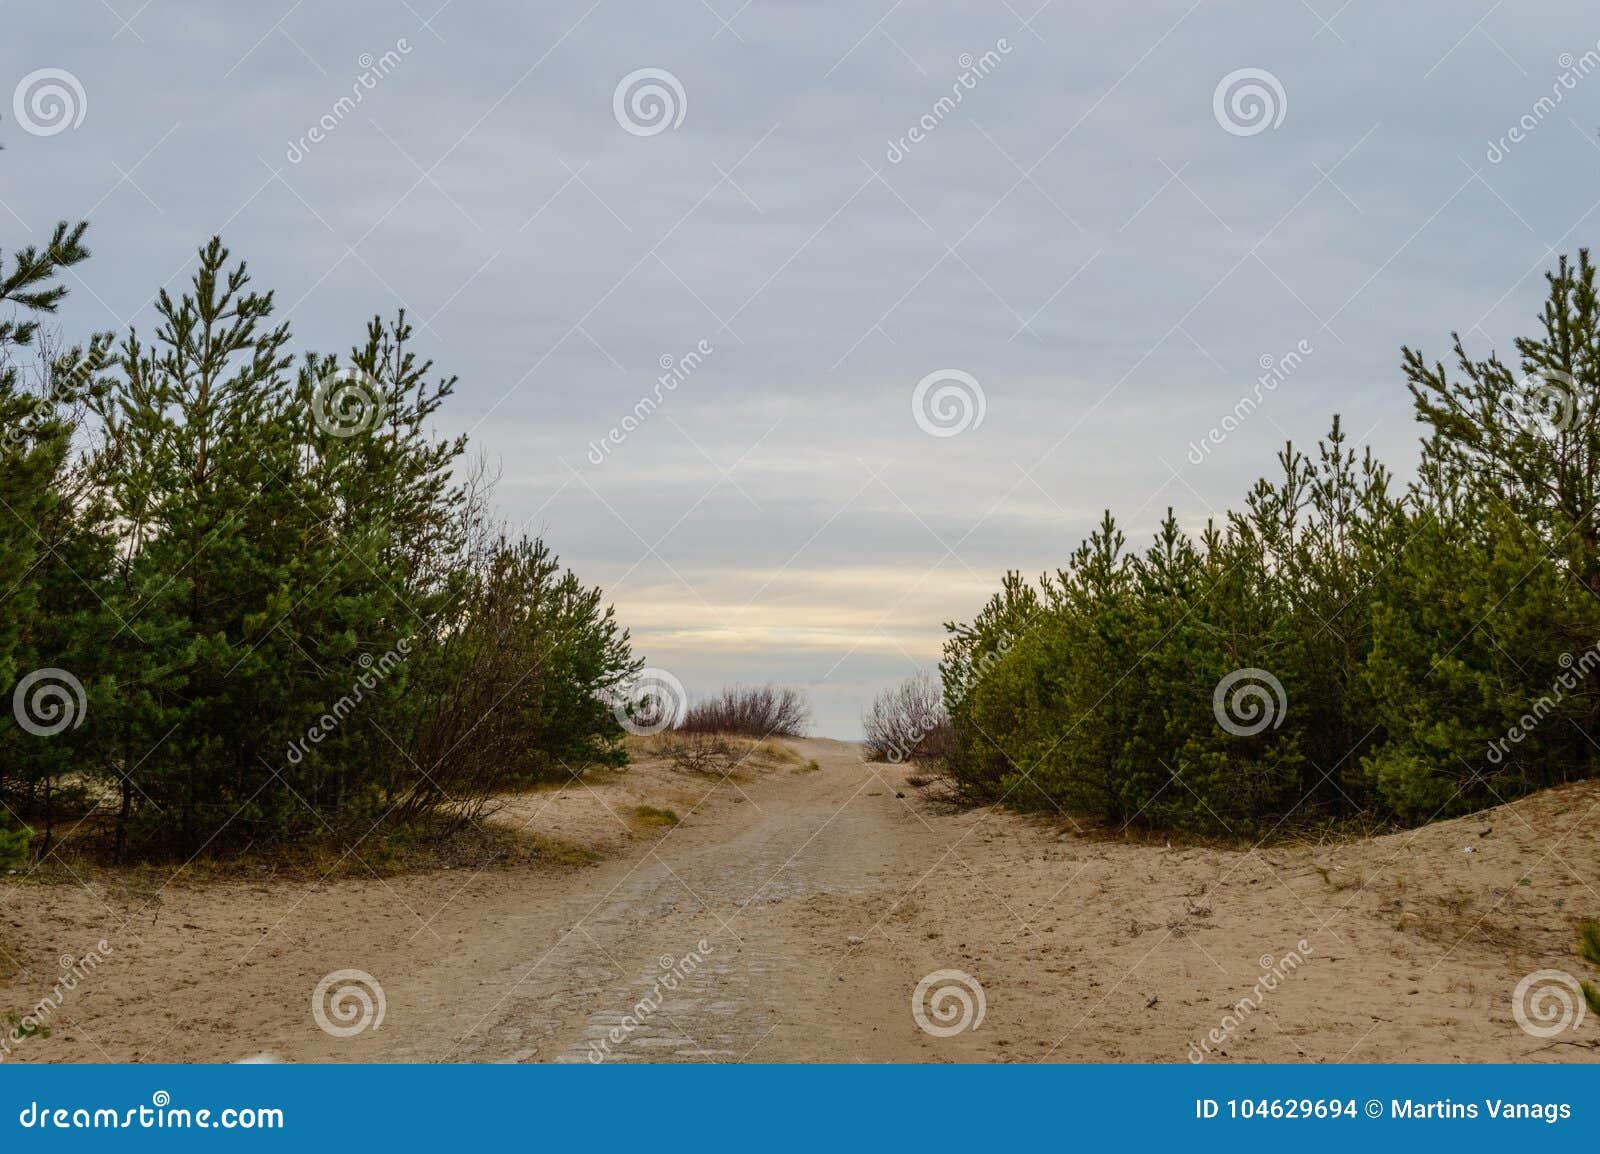 Download Lege Grintweg In Het Platteland In De Zomer Stock Foto - Afbeelding bestaande uit letland, schaduwen: 104629694